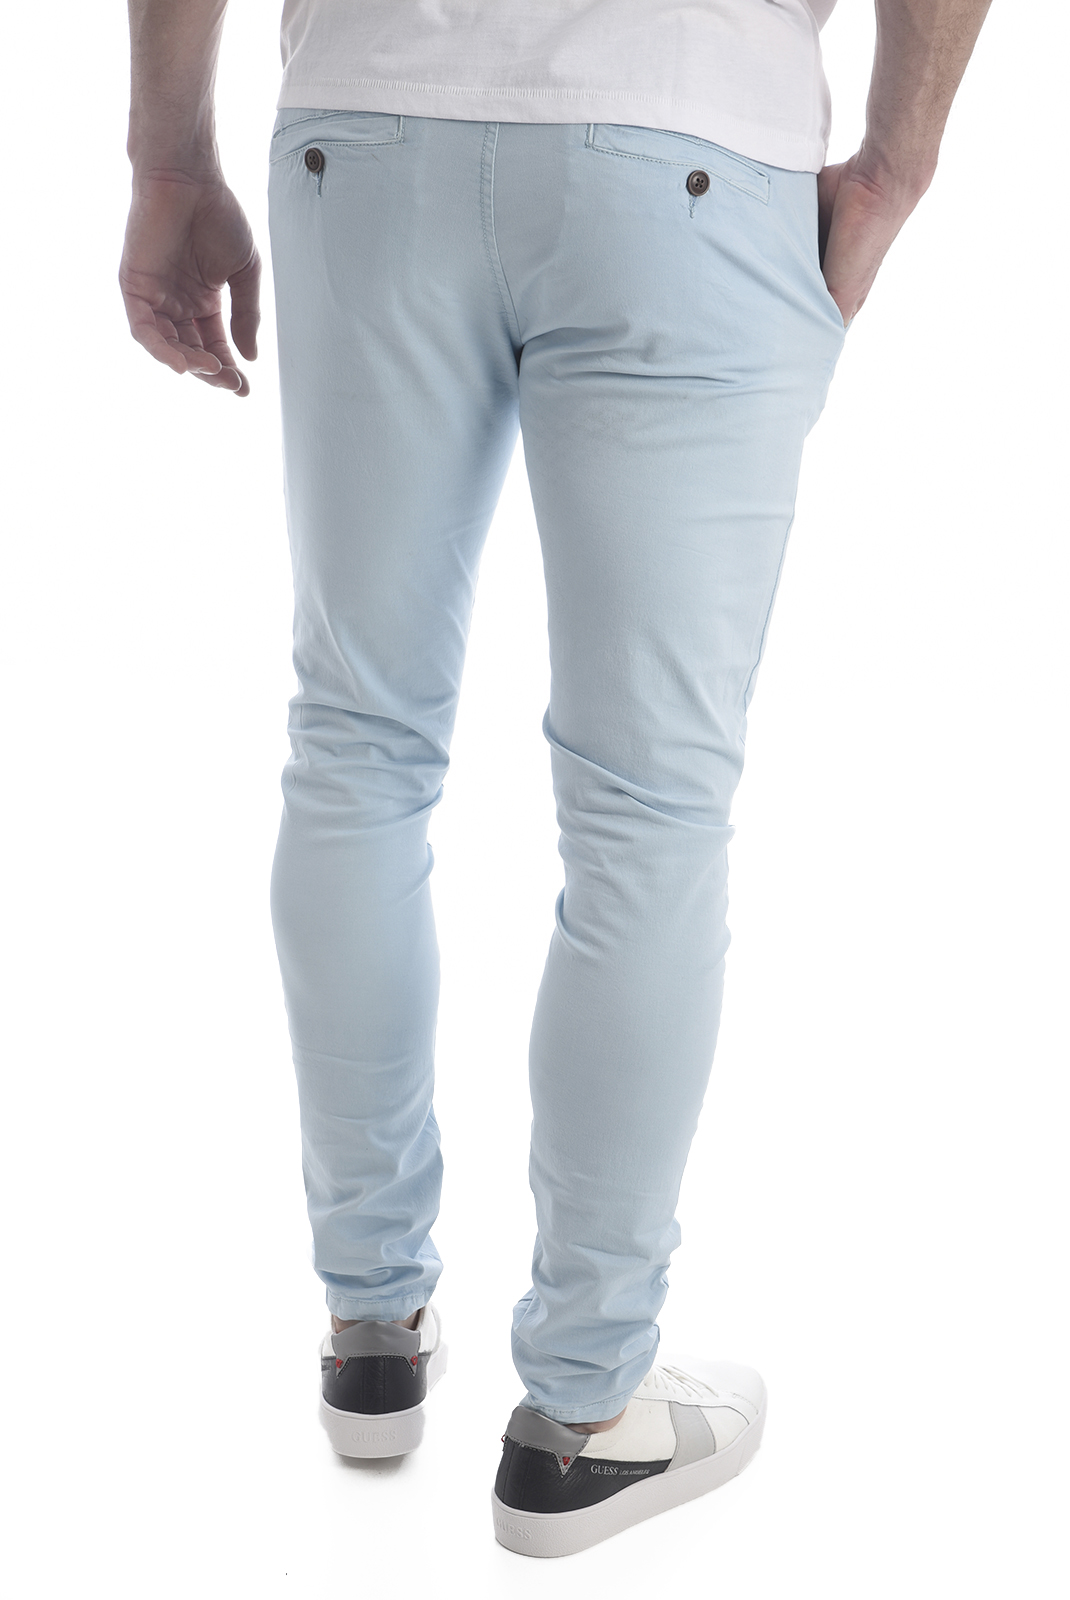 Pantalons chino/citadin  Backlight ALLEN SKY